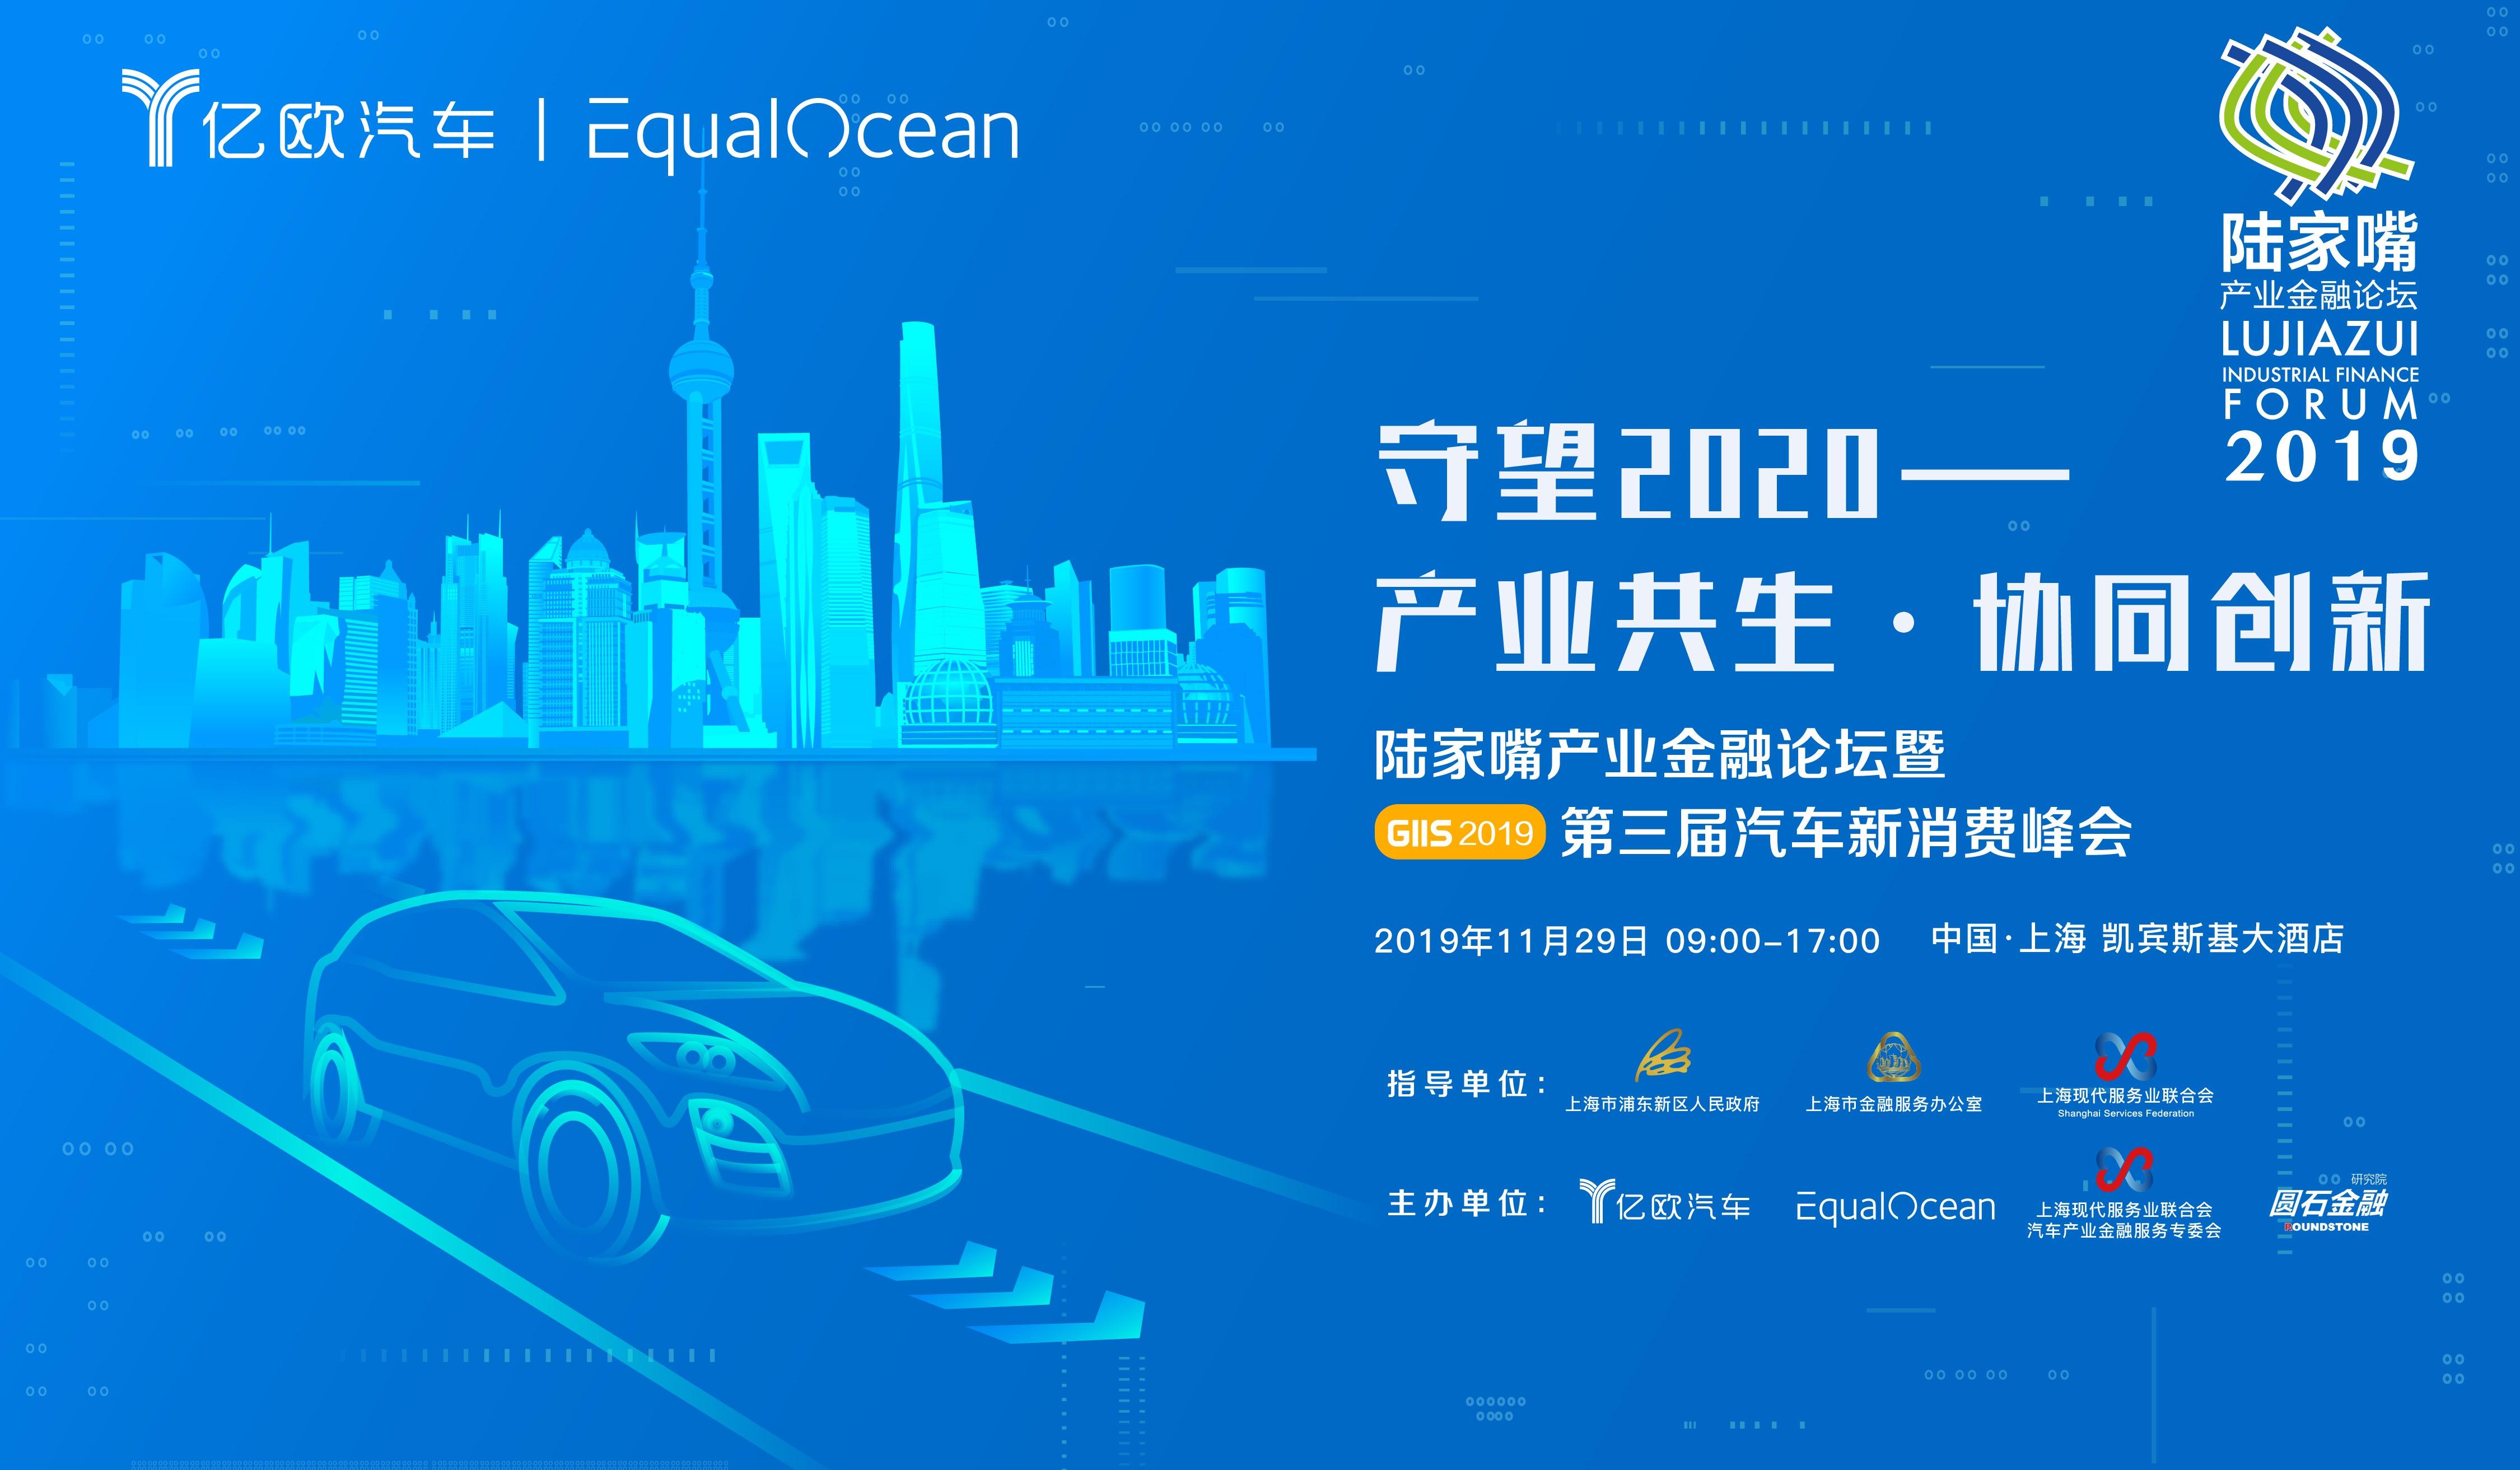 守望2020:产业共生·协同创新-陆家嘴产业金融论坛暨GIIS2019第三届汽车新消费峰